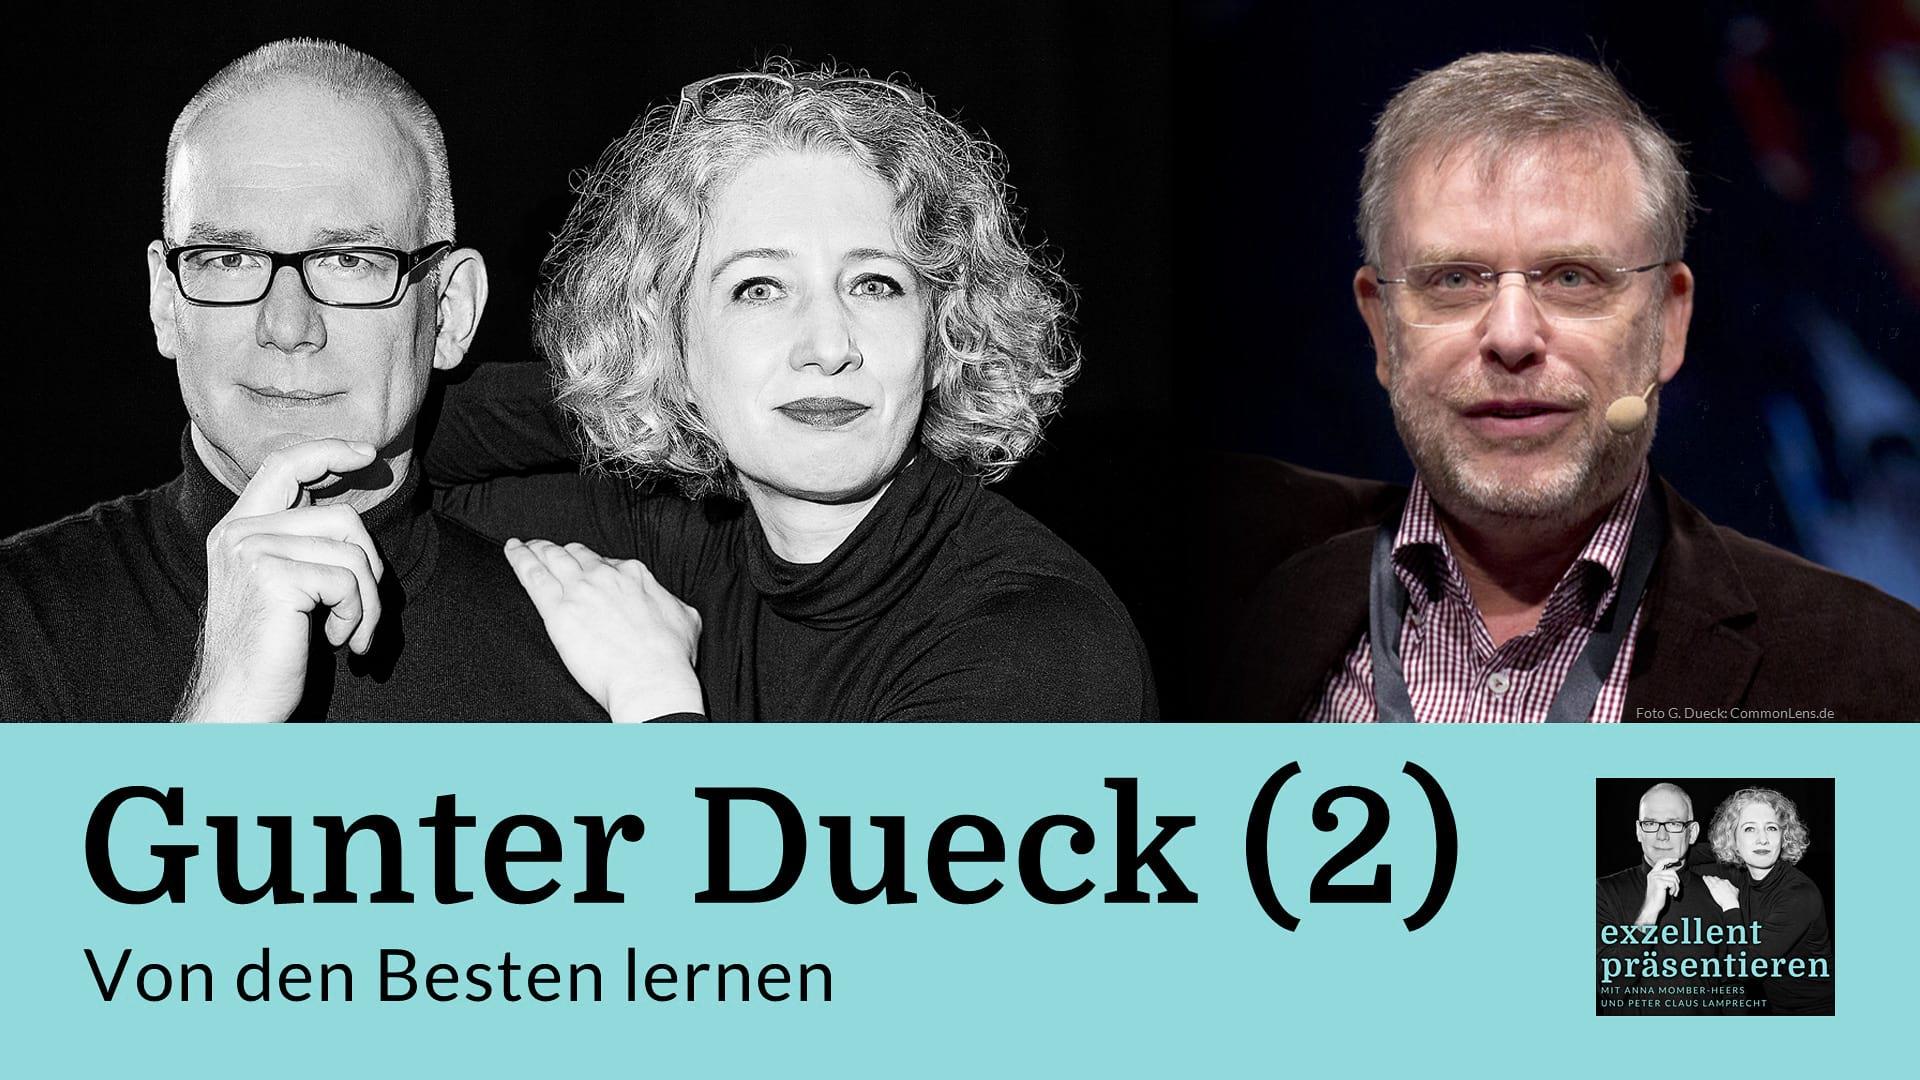 Von den Besten lernen: Gunter Dueck (2)